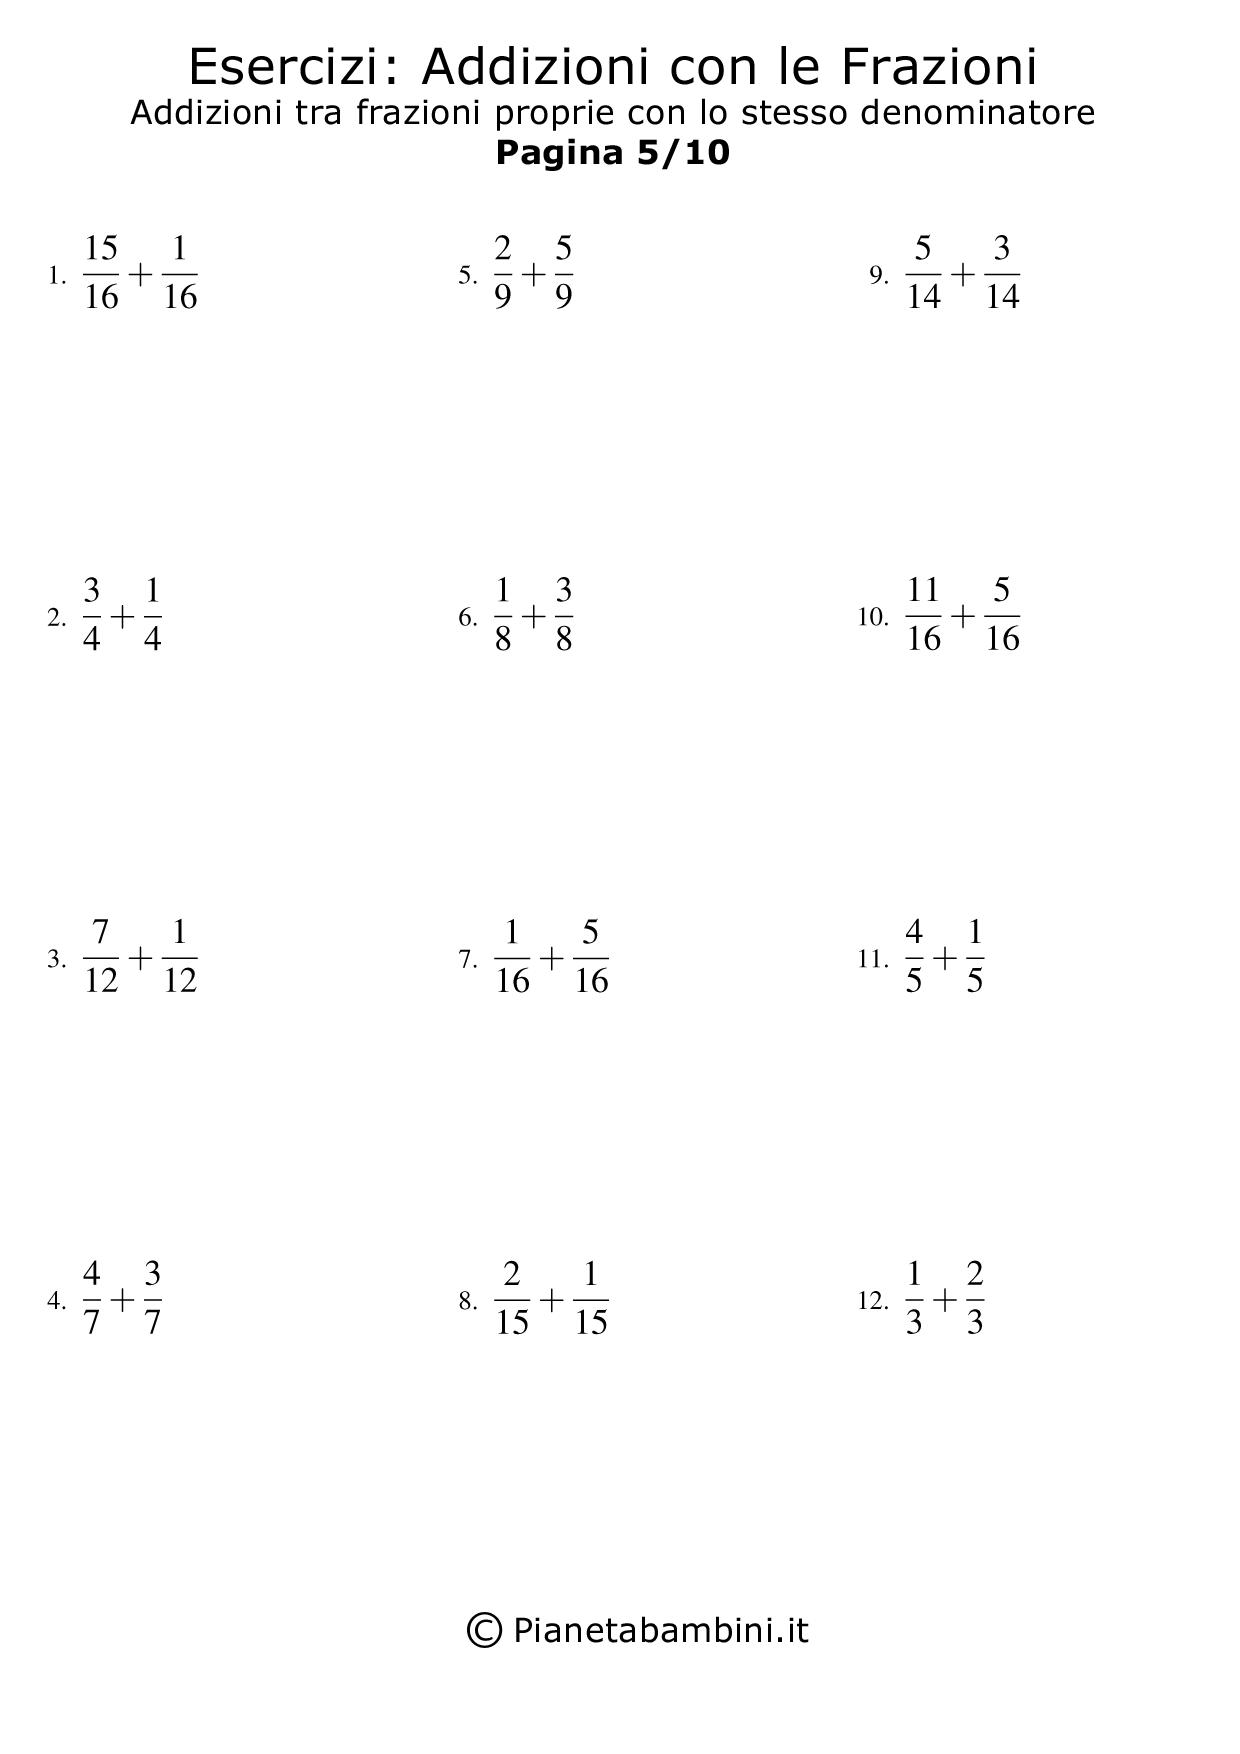 Addizioni-Frazioni-Stesso-Denominatore_05